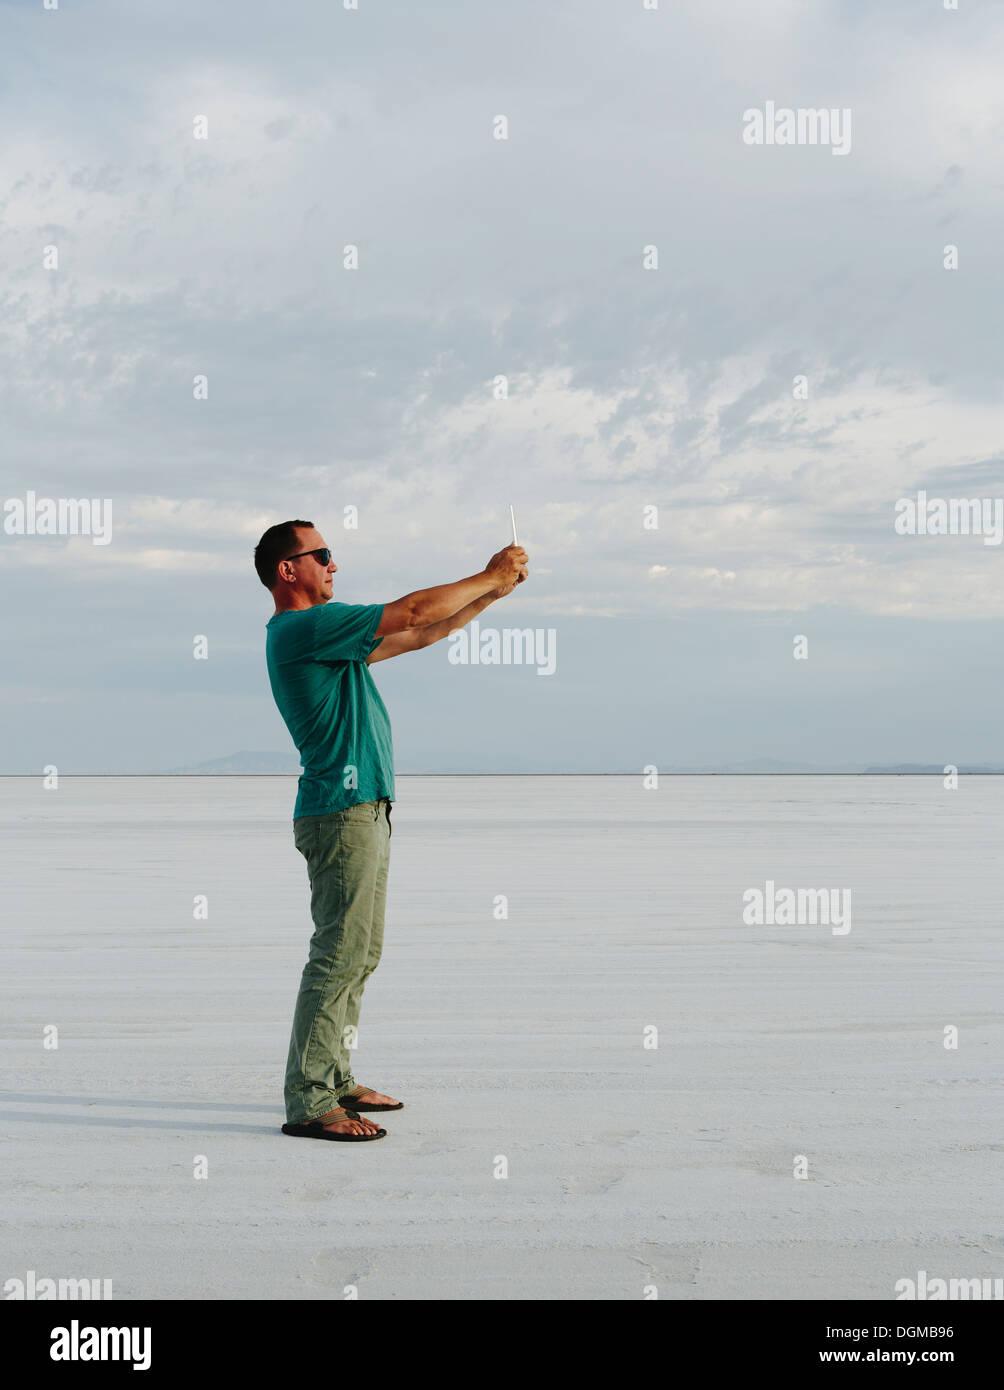 Un hombre de pie en Bonneville Salt Flats, tomando una fotografía con un dispositivo tablet, al atardecer. Imagen De Stock